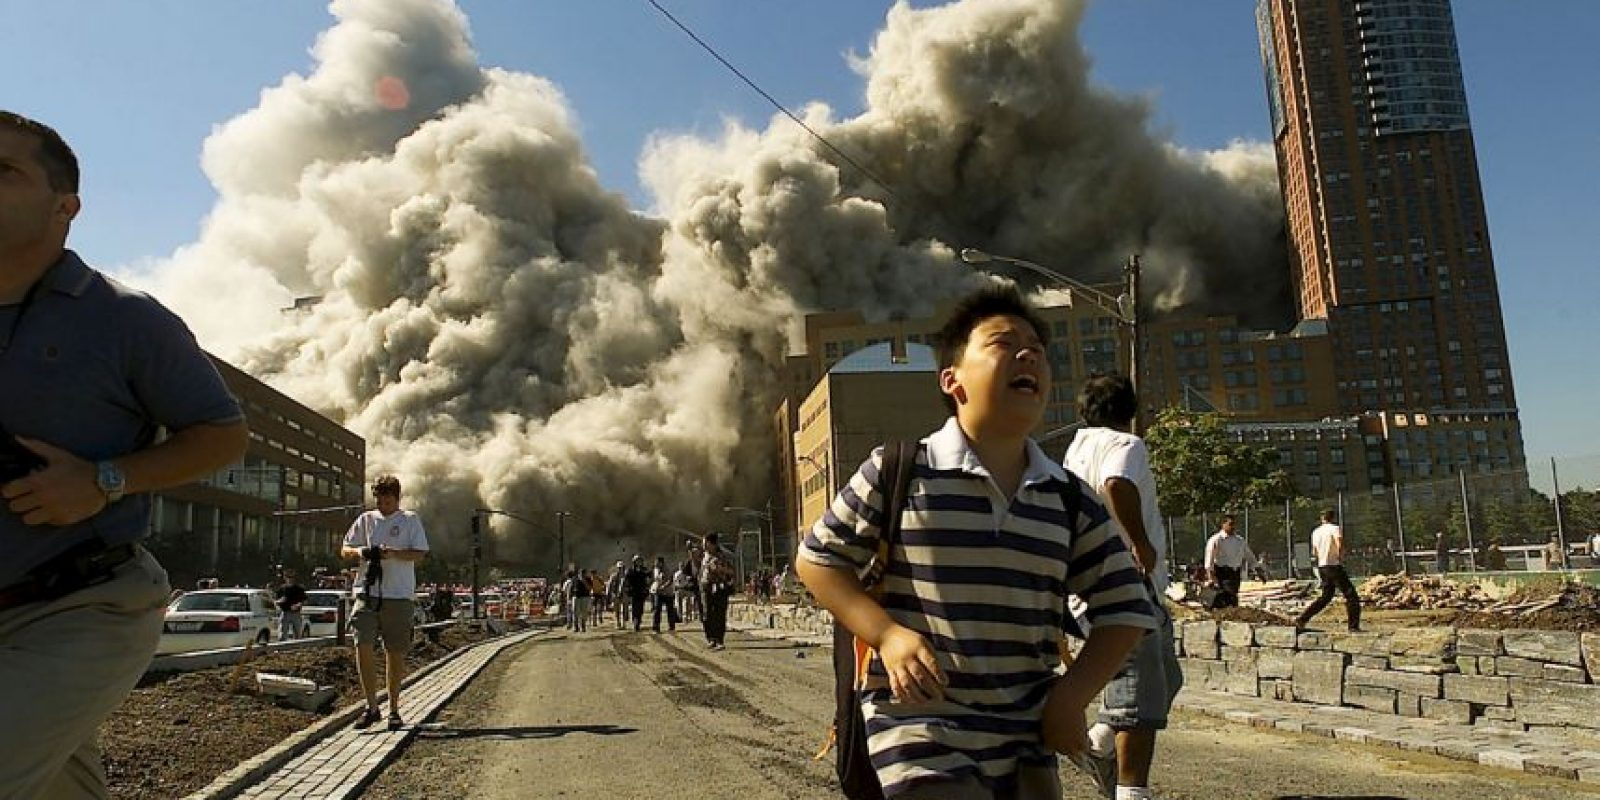 Estados Unidos, 11 de septiembre Foto:Getty Images